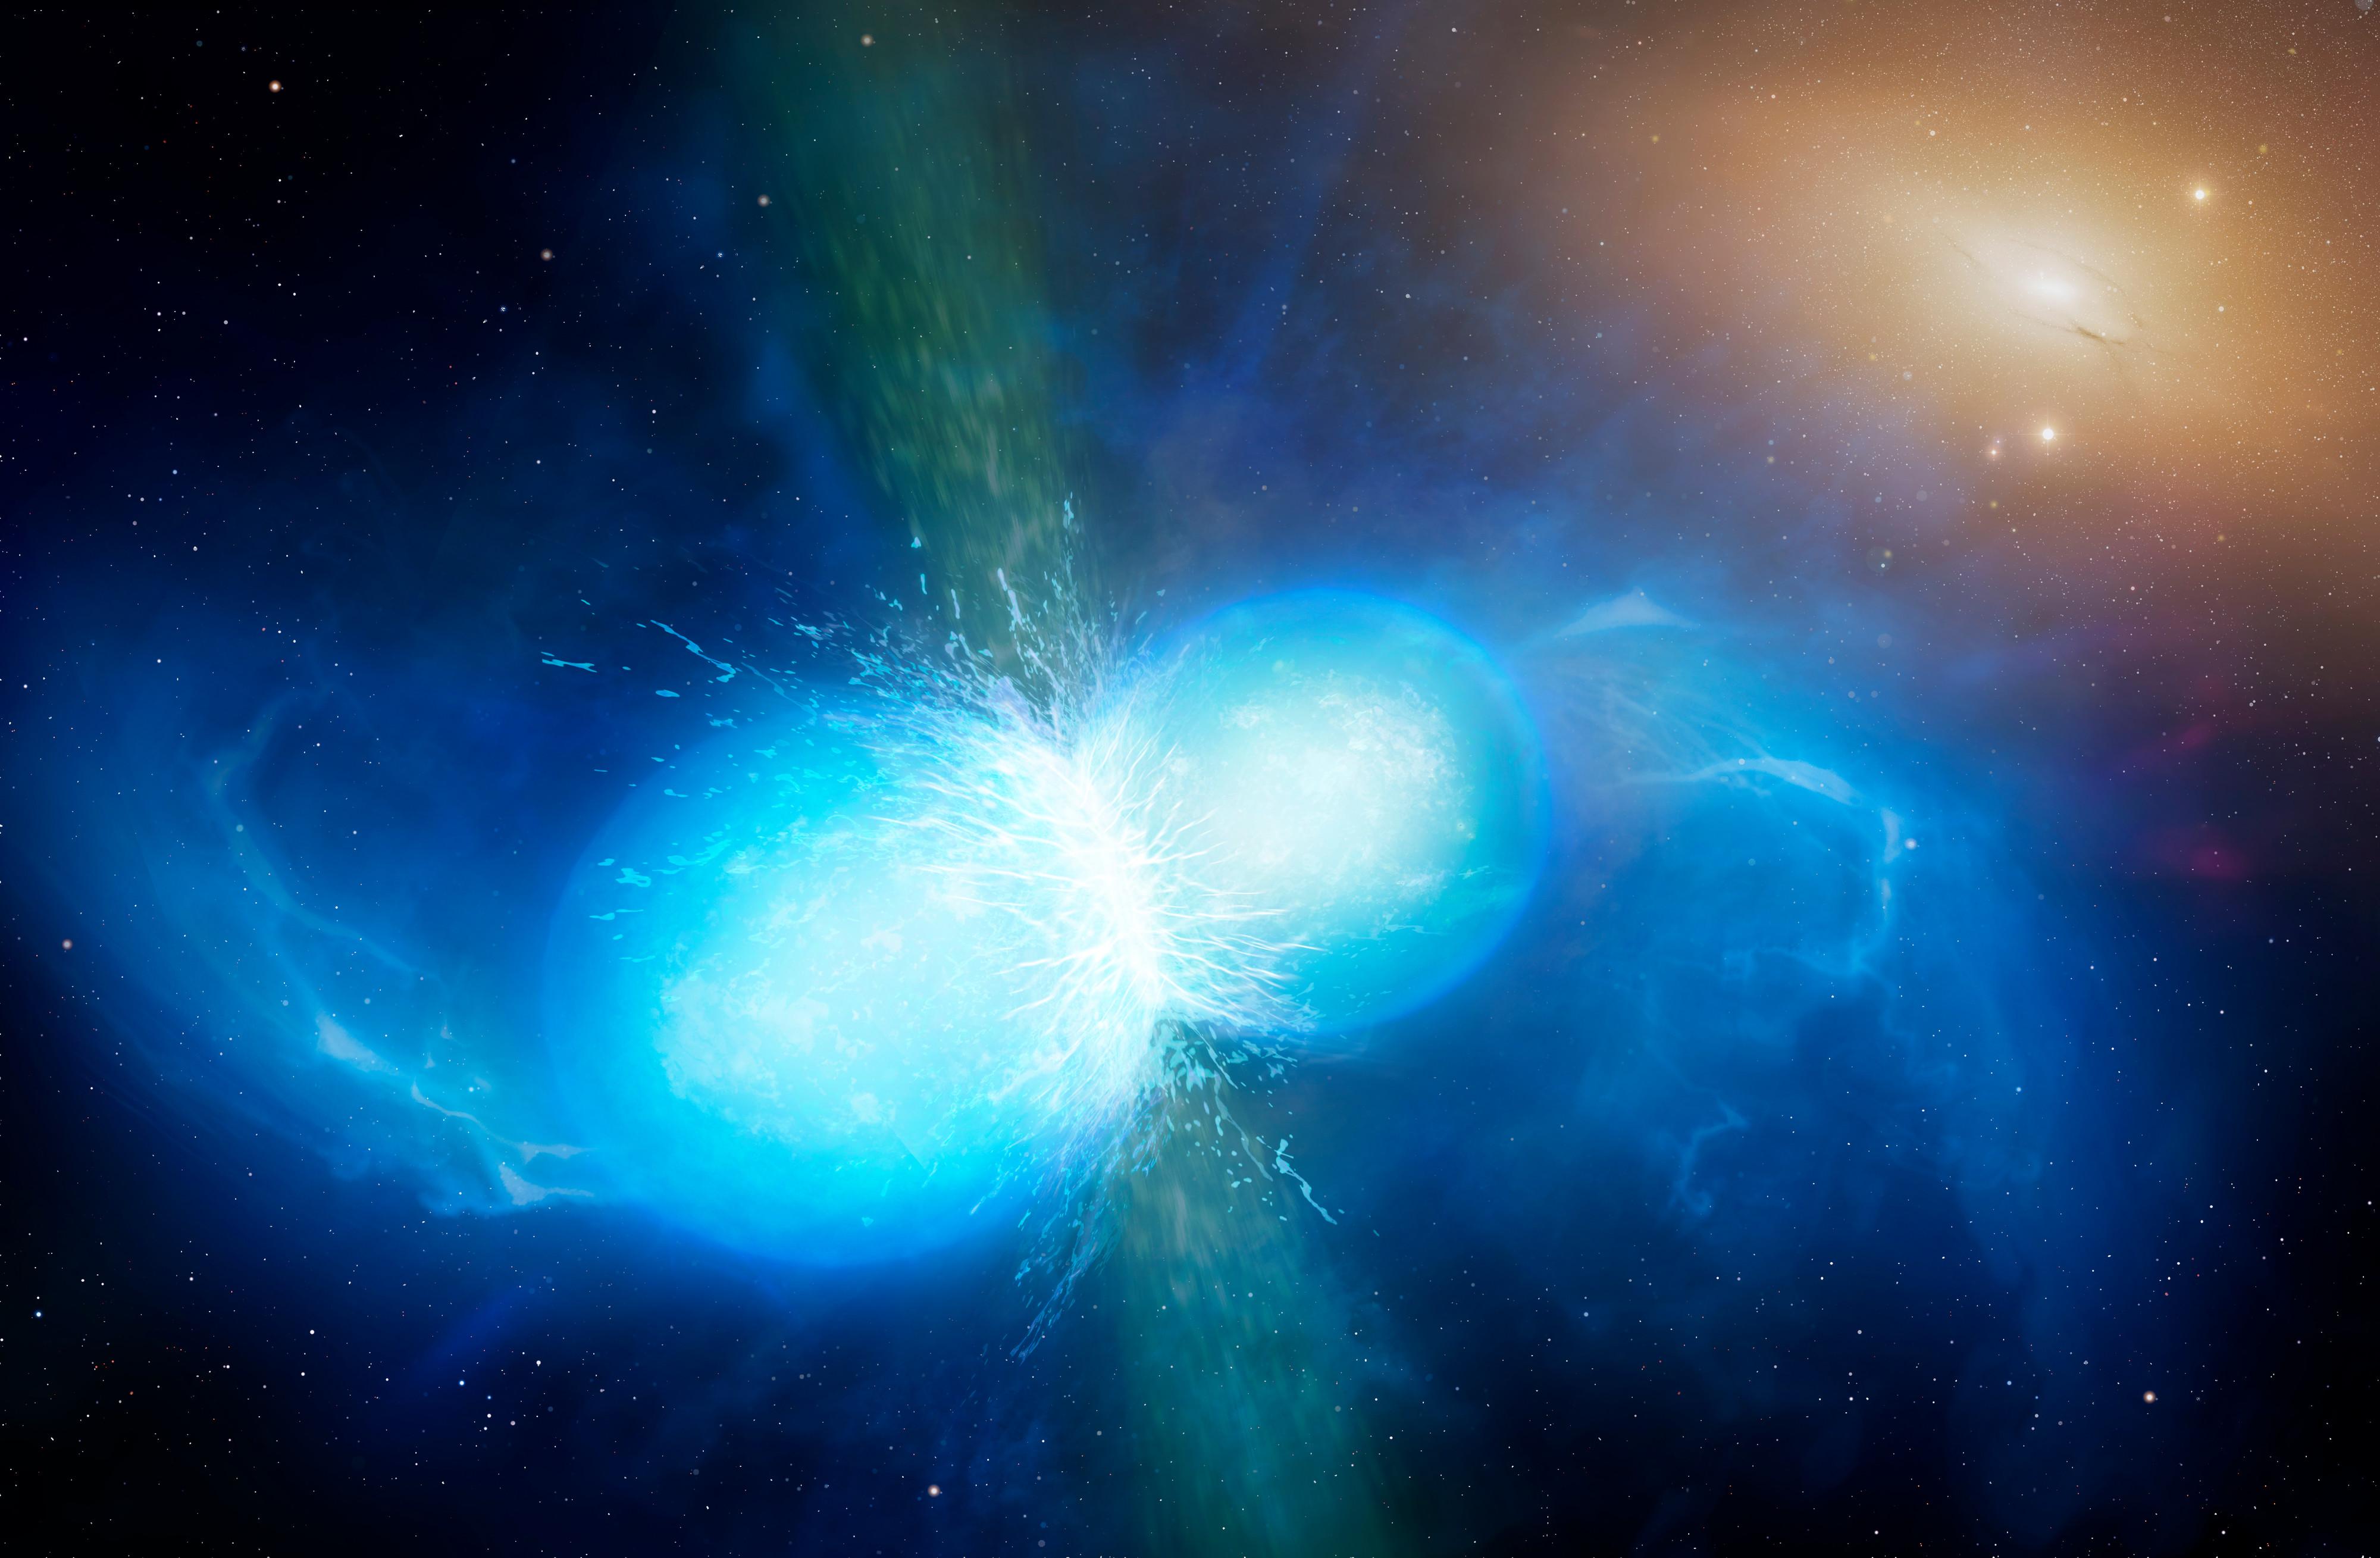 La Collision Entre Deux étoiles à Neutrons A été Reproduite